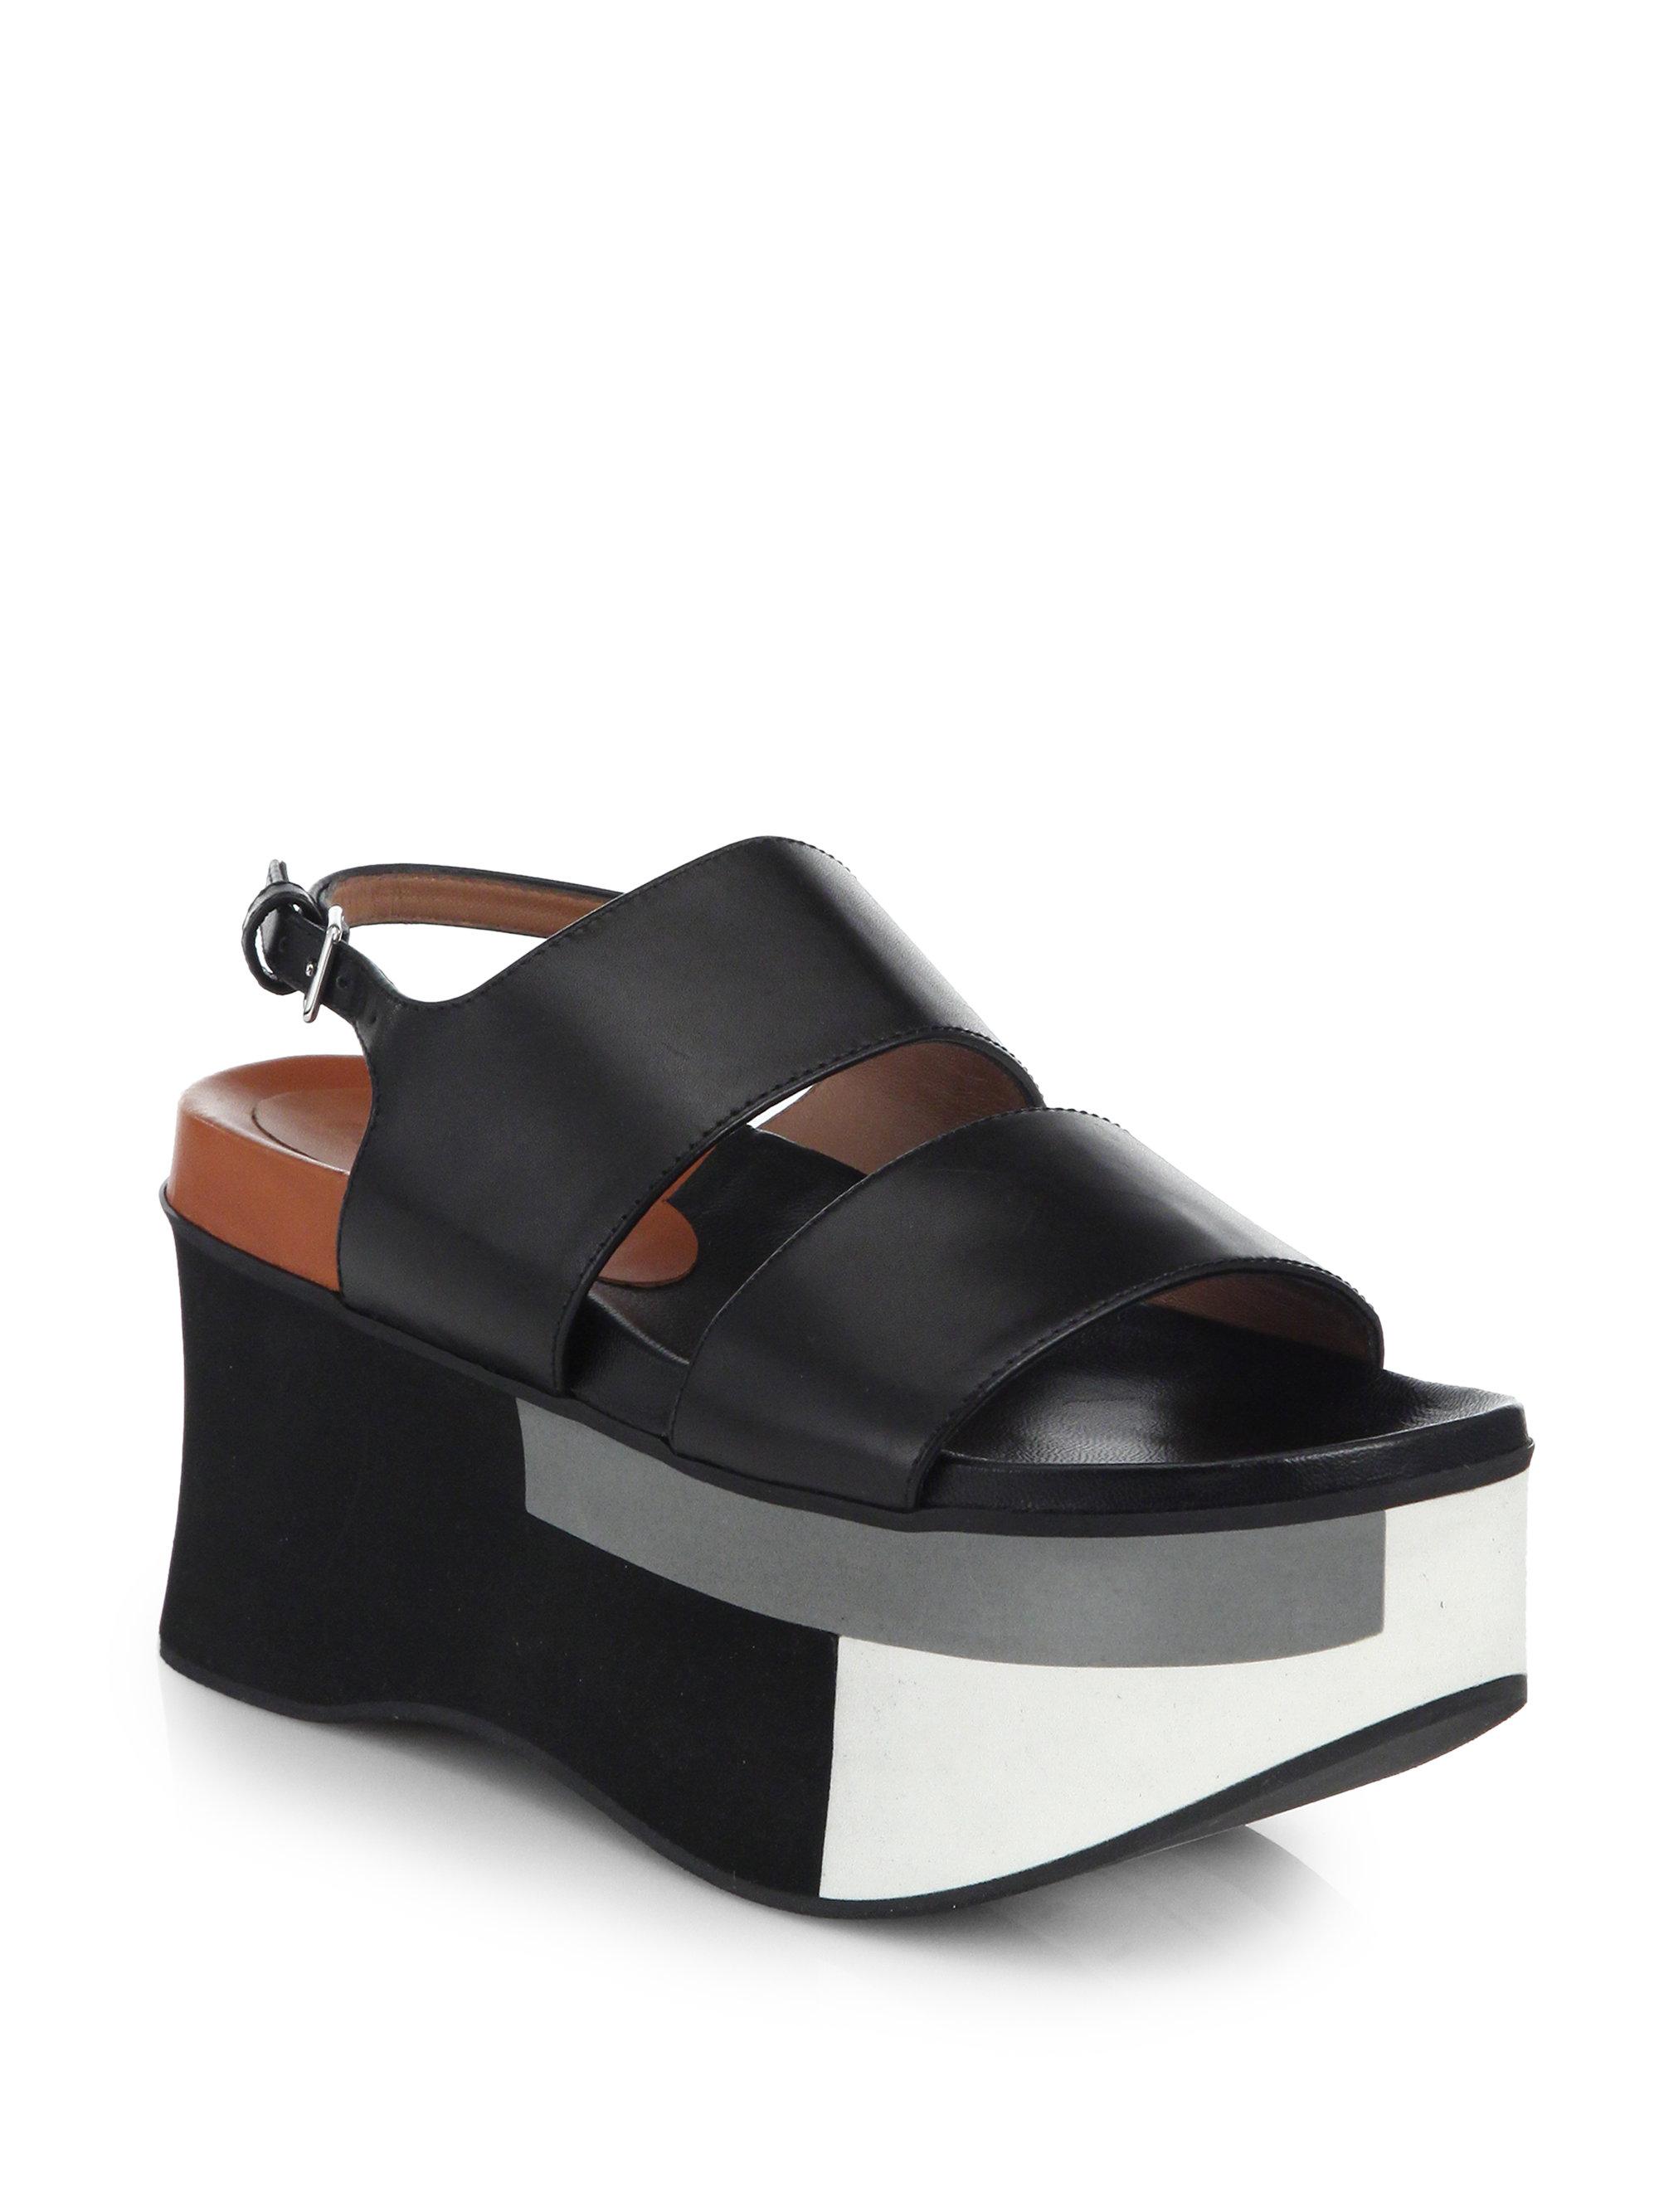 Heels - Is Heel - Part 123